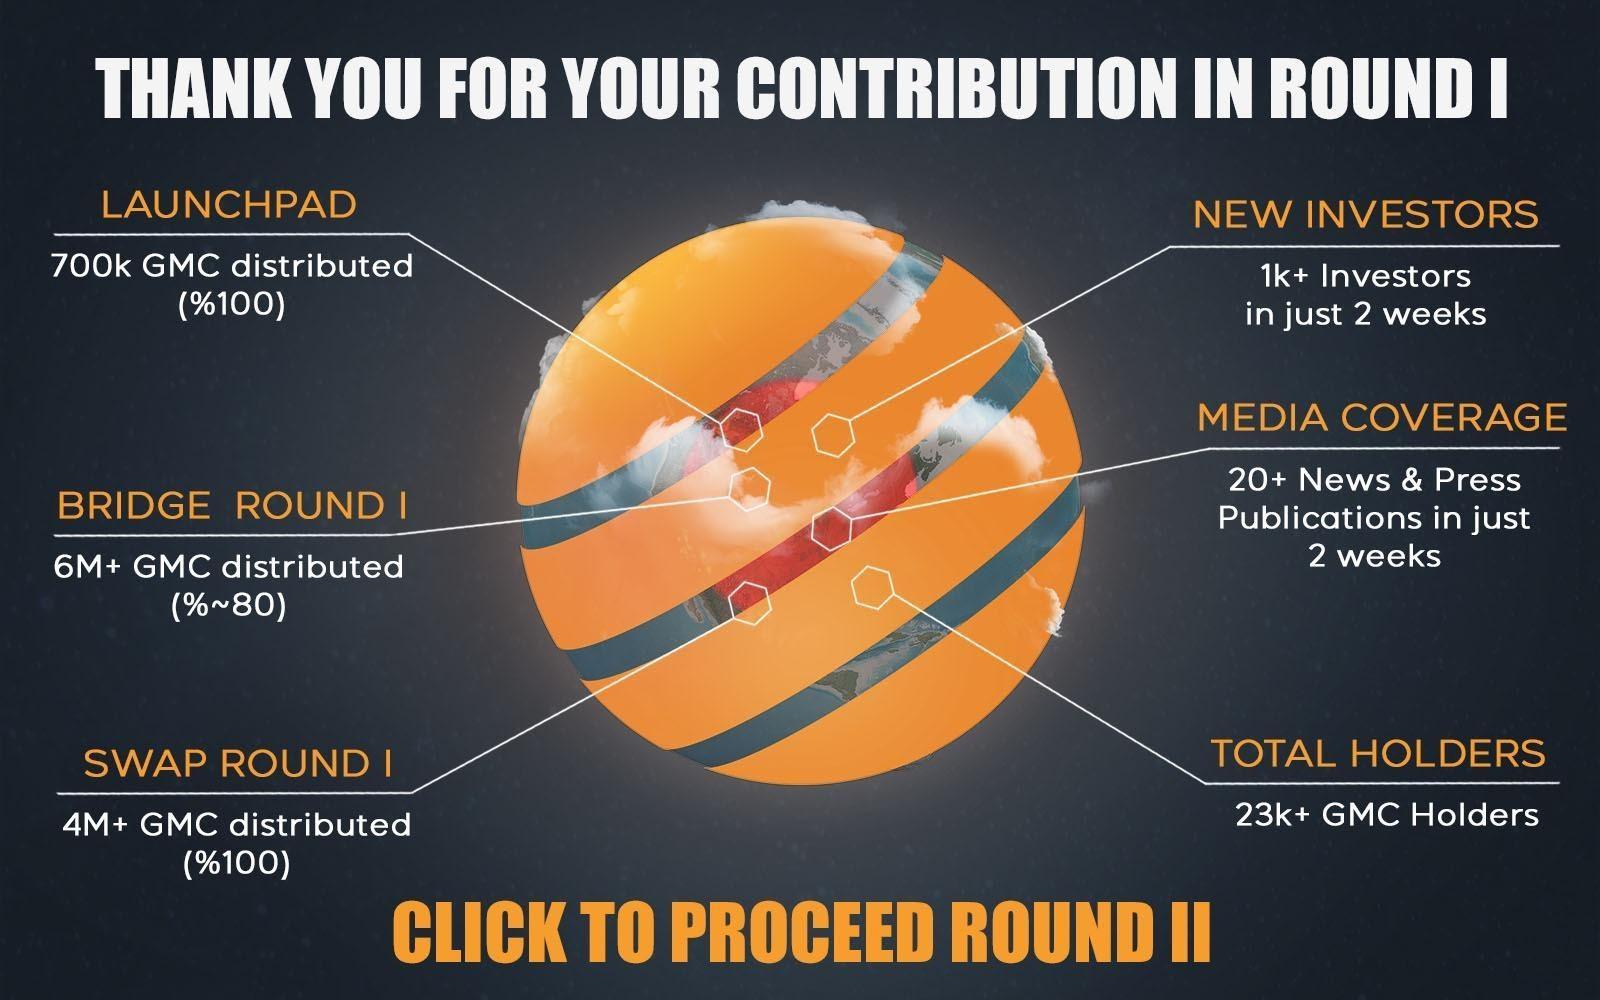 Первый раунд продажи обменов на GMCoin завершился со 100% успехом, следующий раунд начнется 23 августа.